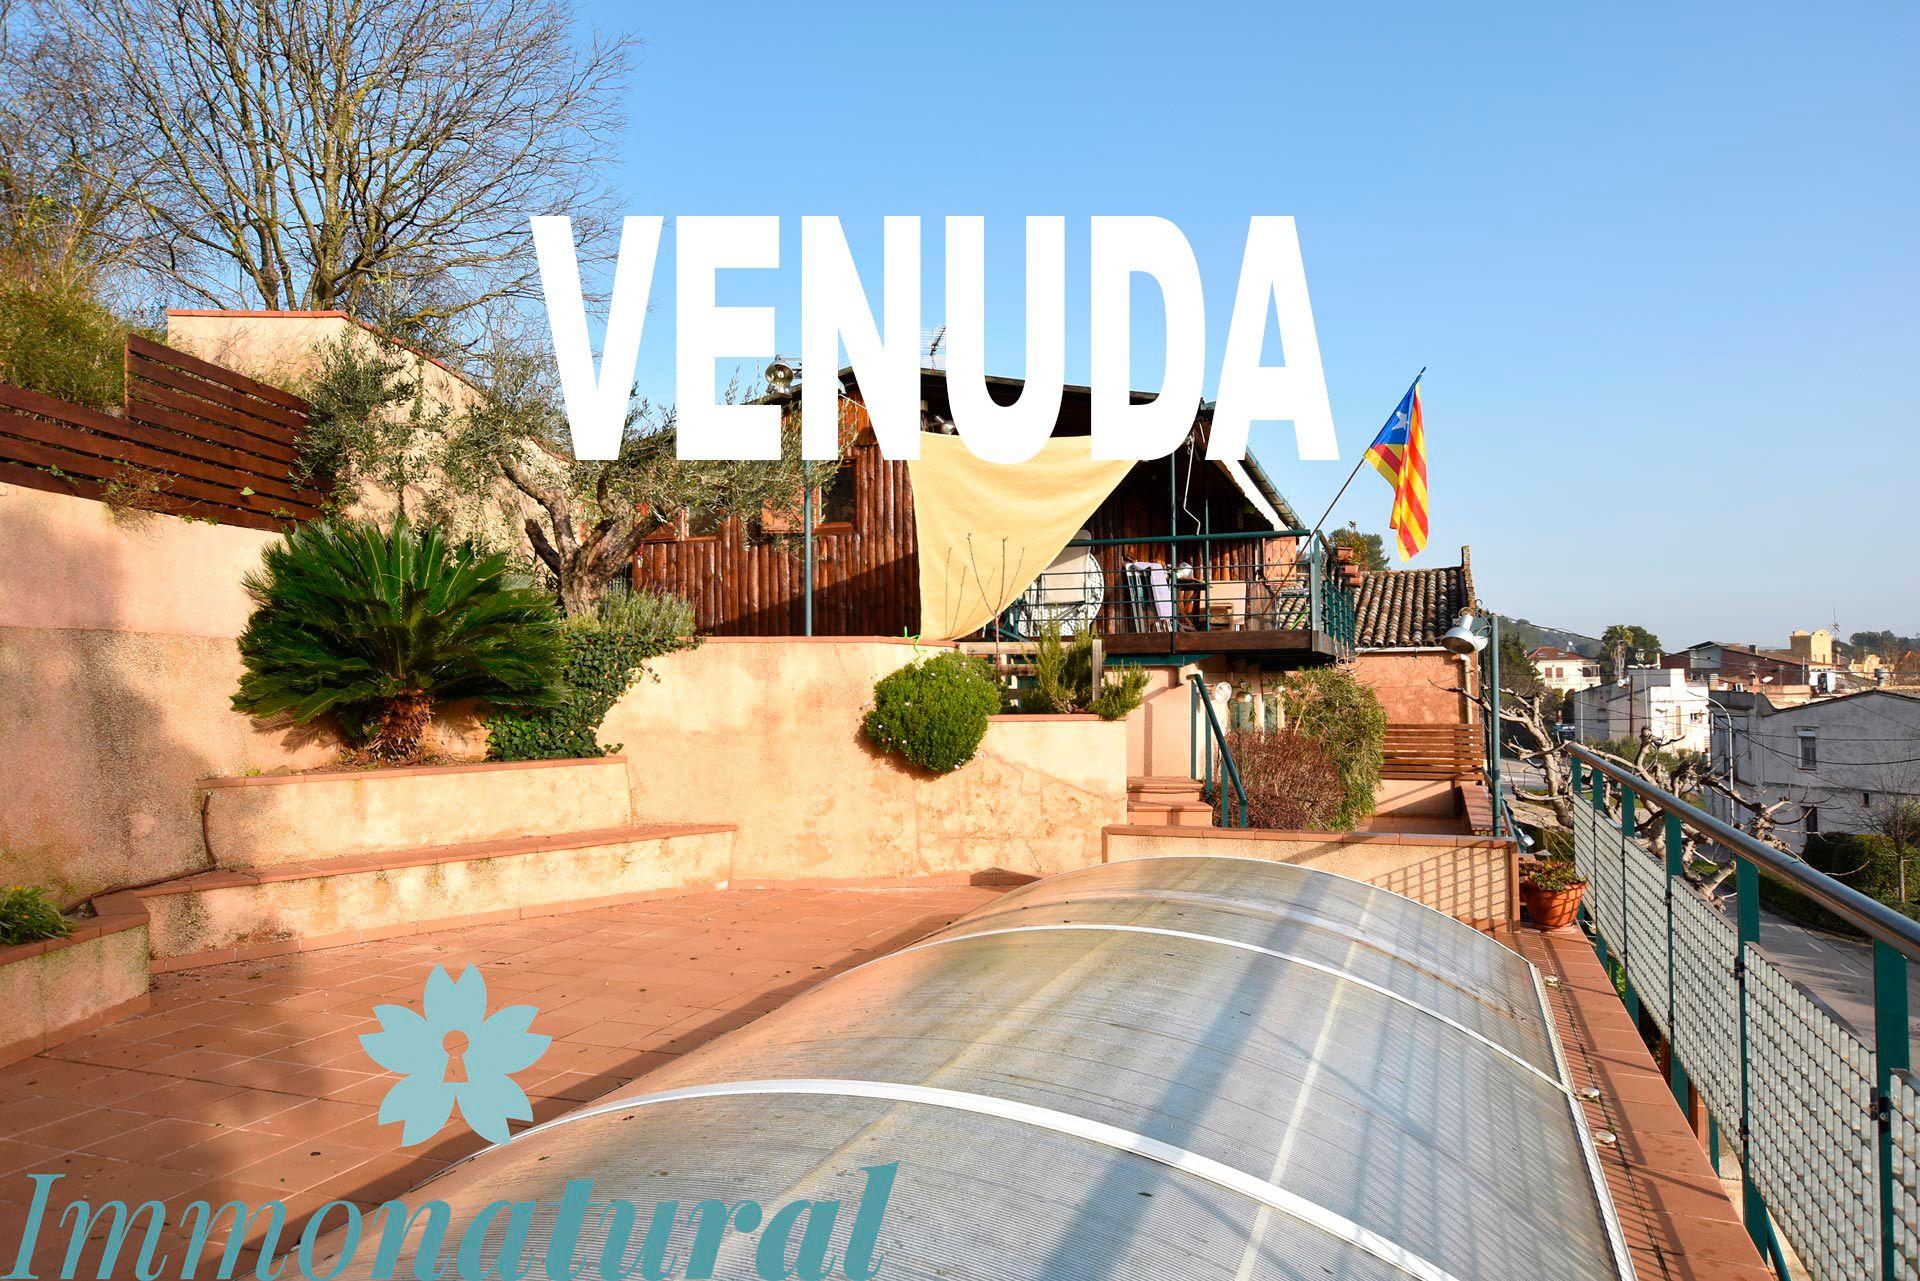 Casa / Chalet en Torrelles de Llobregat, CENTRO URBANO, venta